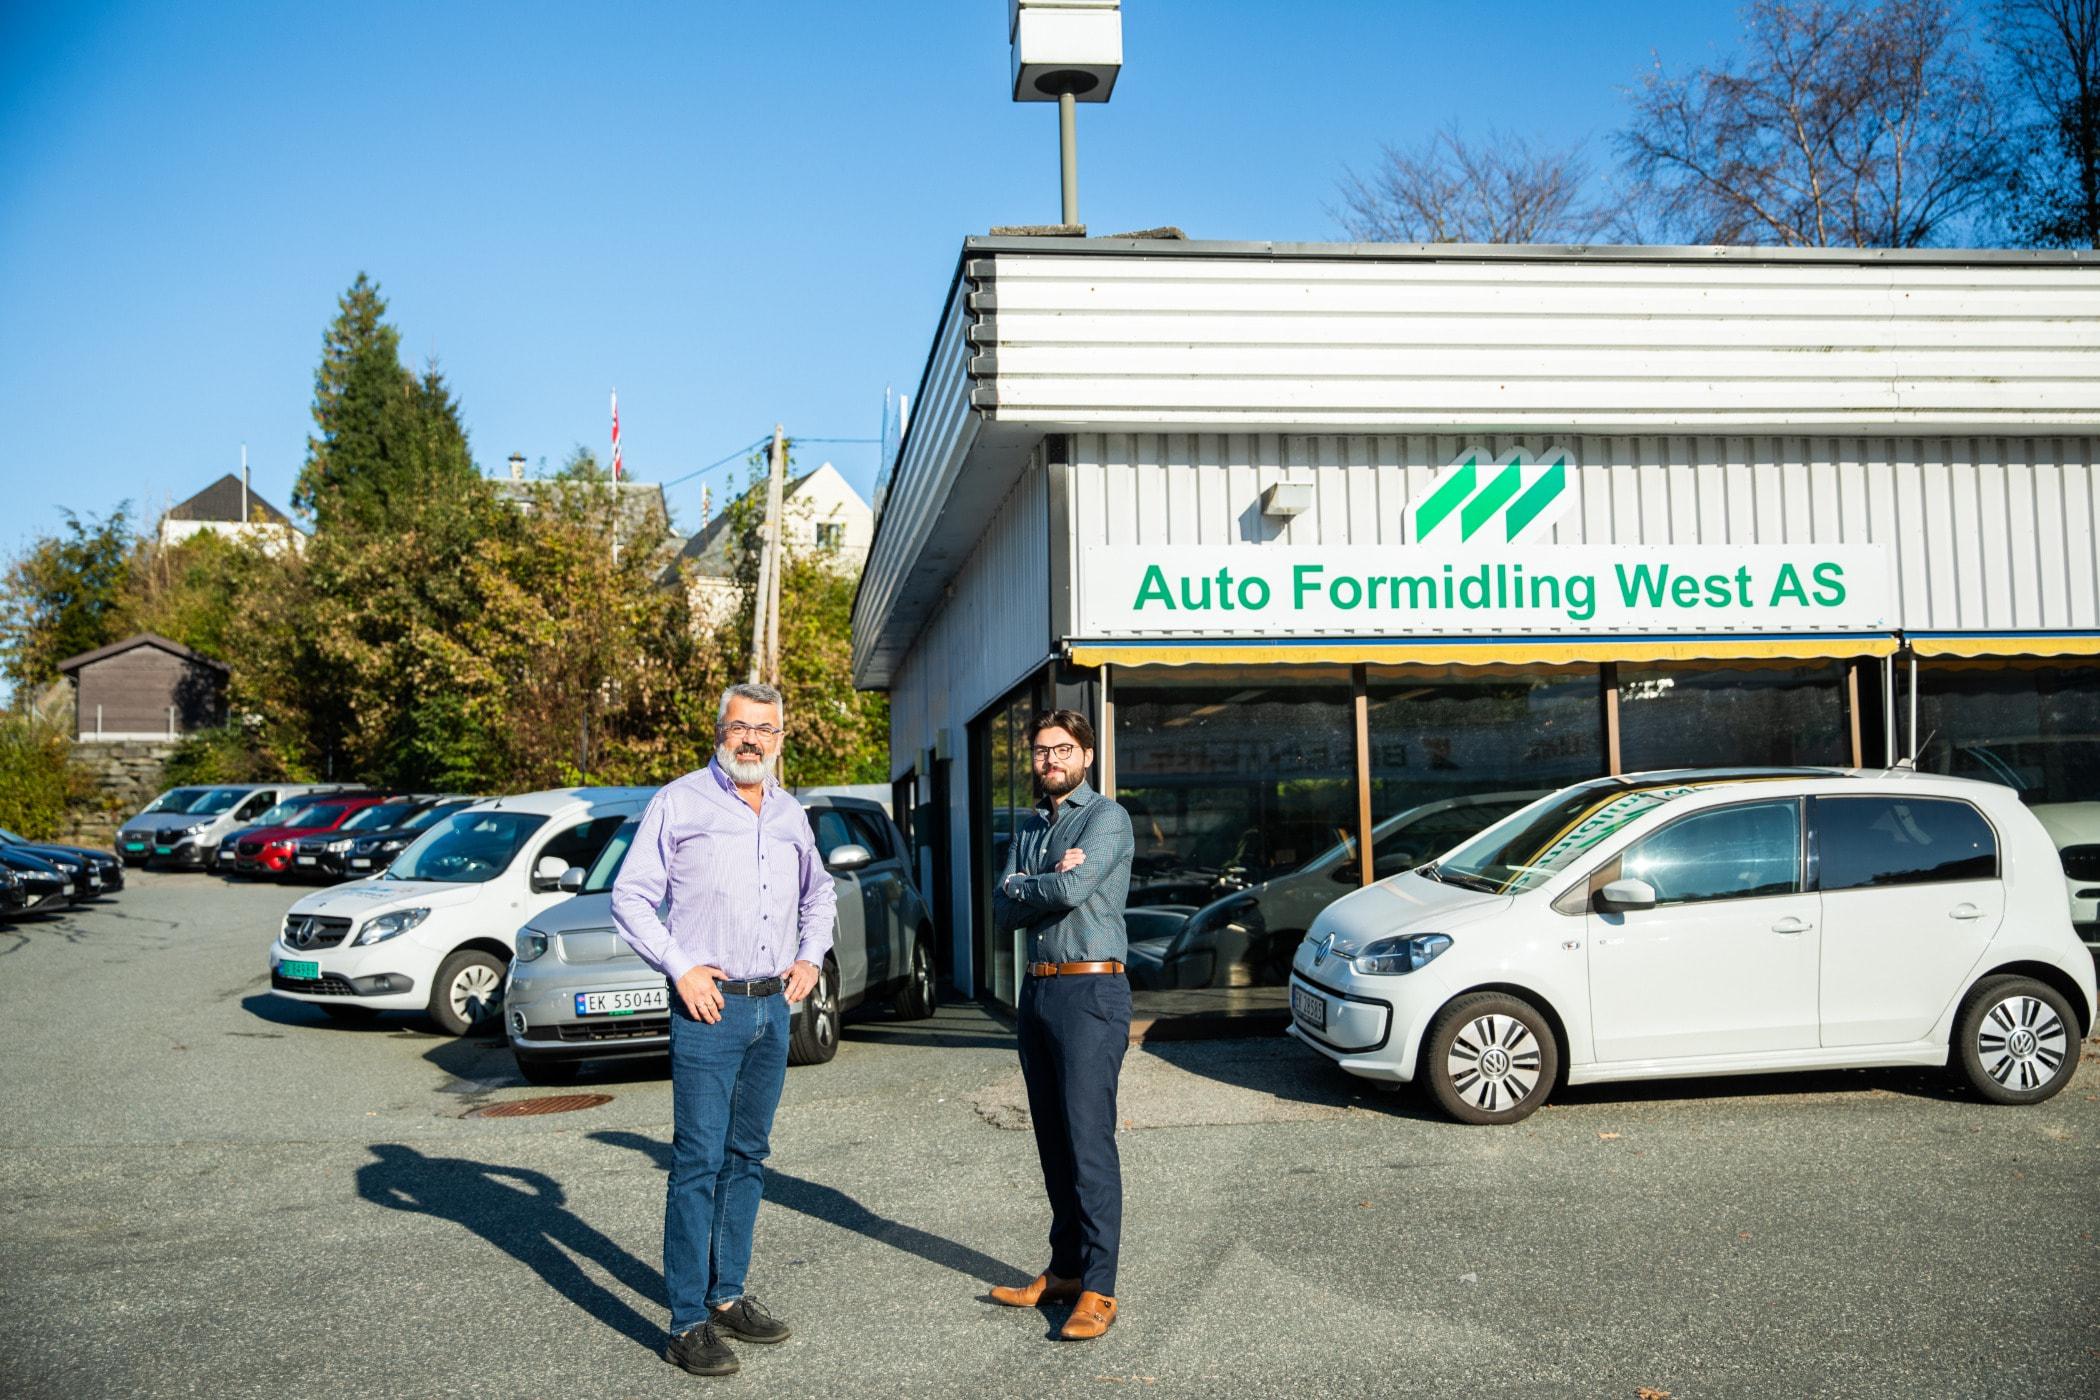 Land vehicle, Hatchback, Transport, Car